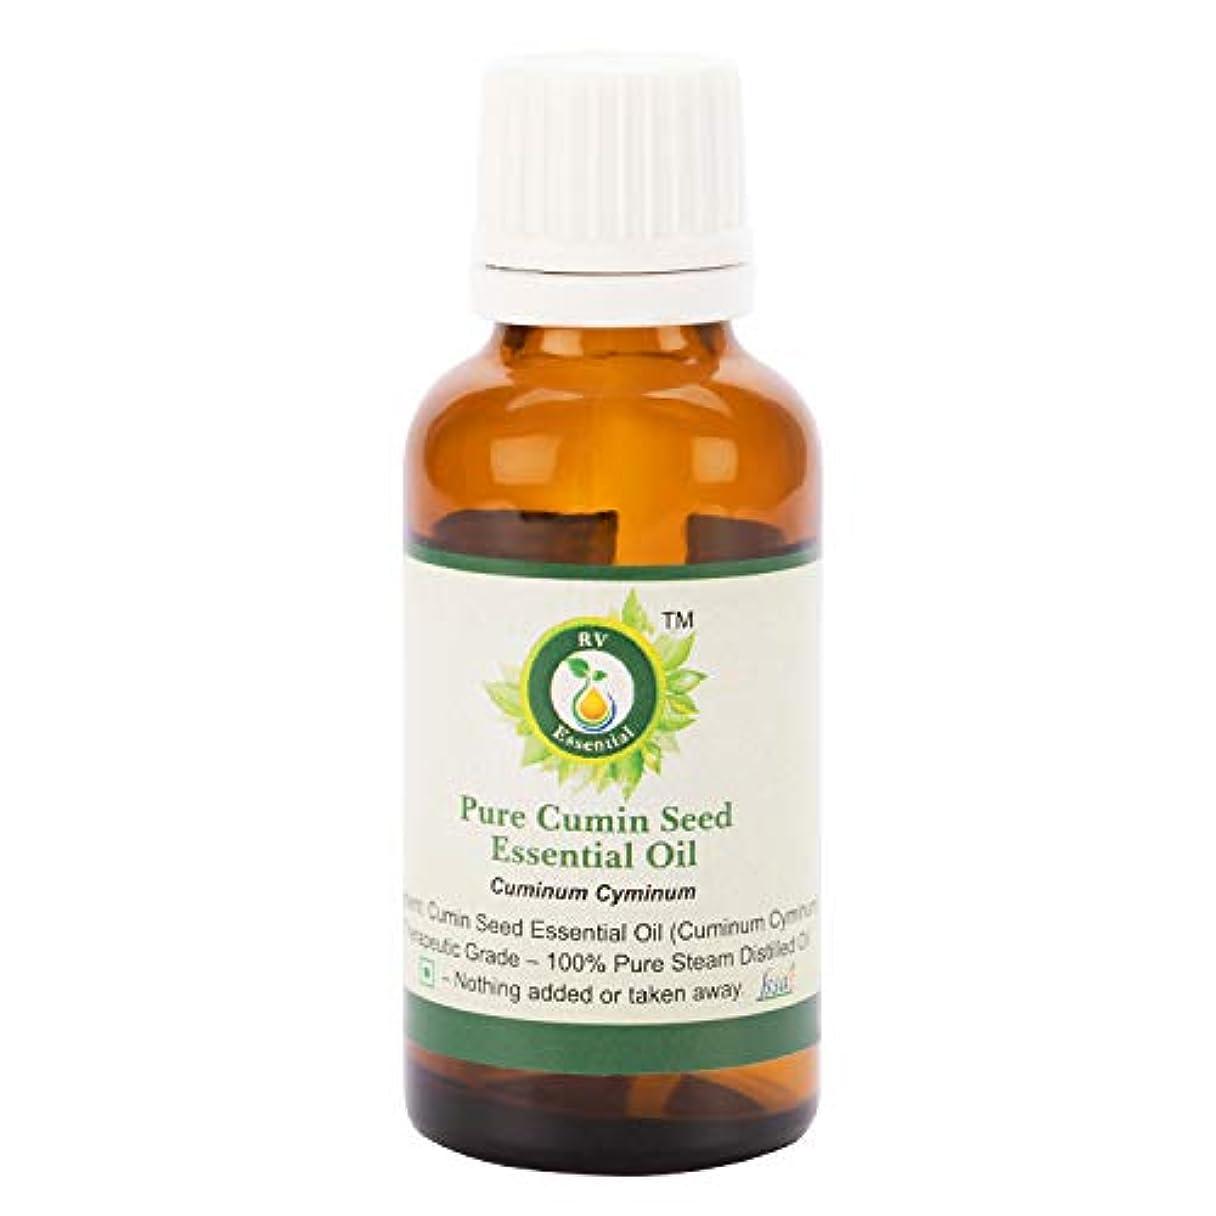 必須トライアスリートフラッシュのように素早くピュアクミンシードエッセンシャルオイル5ml (0.169oz)- Cuminum Cyminum (100%純粋&天然スチームDistilled) Pure Cumin Seed Essential Oil